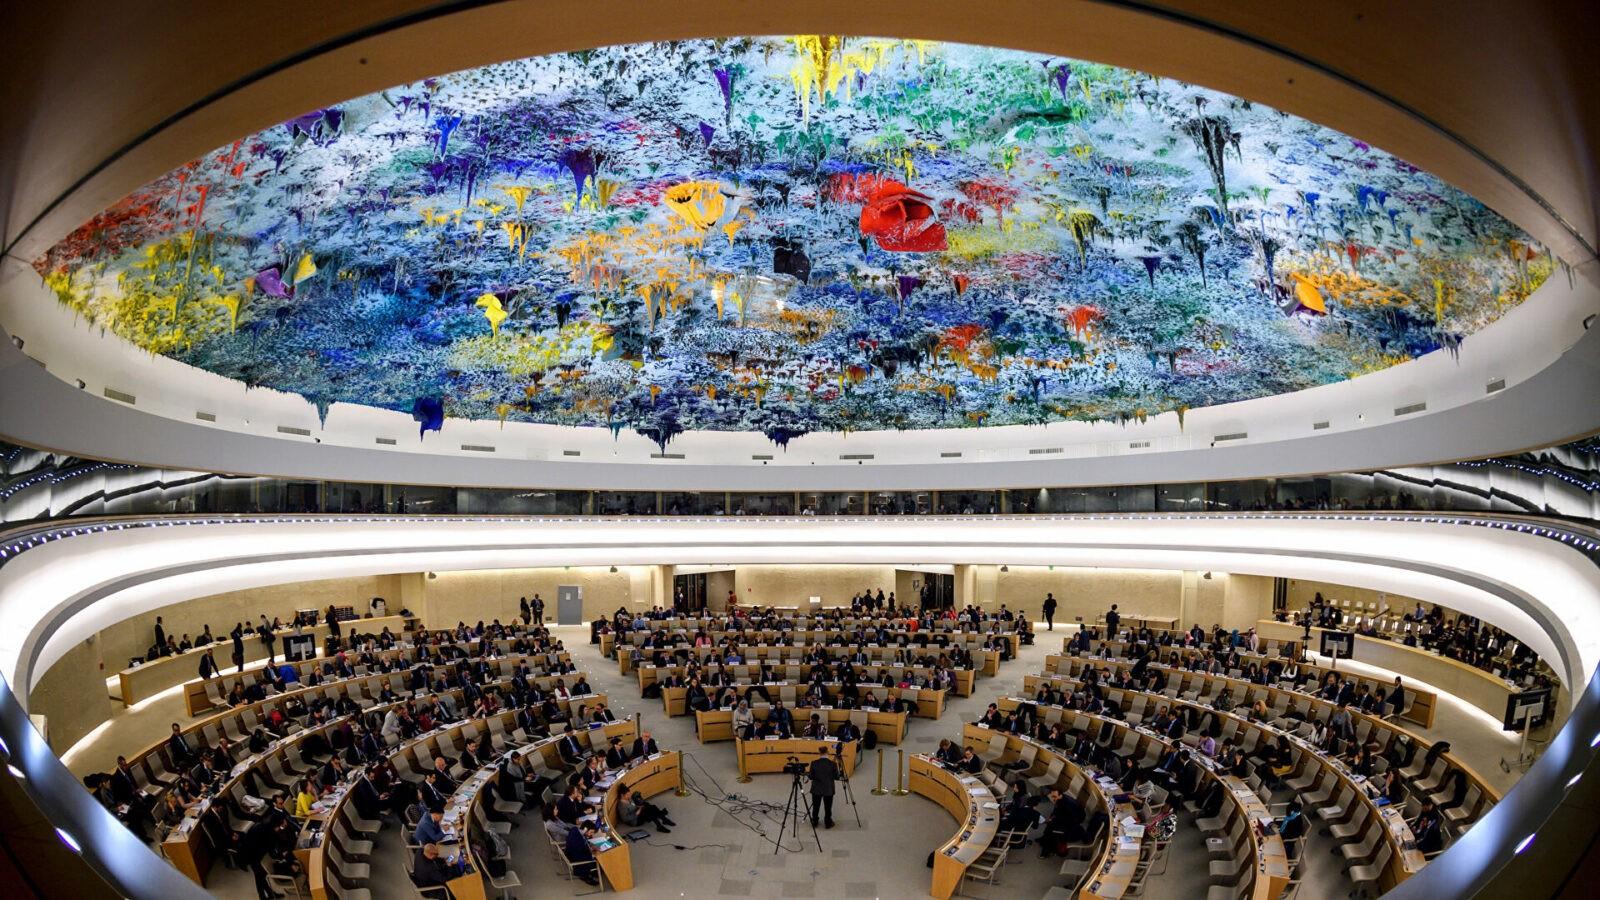 Узбекистан впервые избран в Совет по правам человека ООН: что это значит для страны